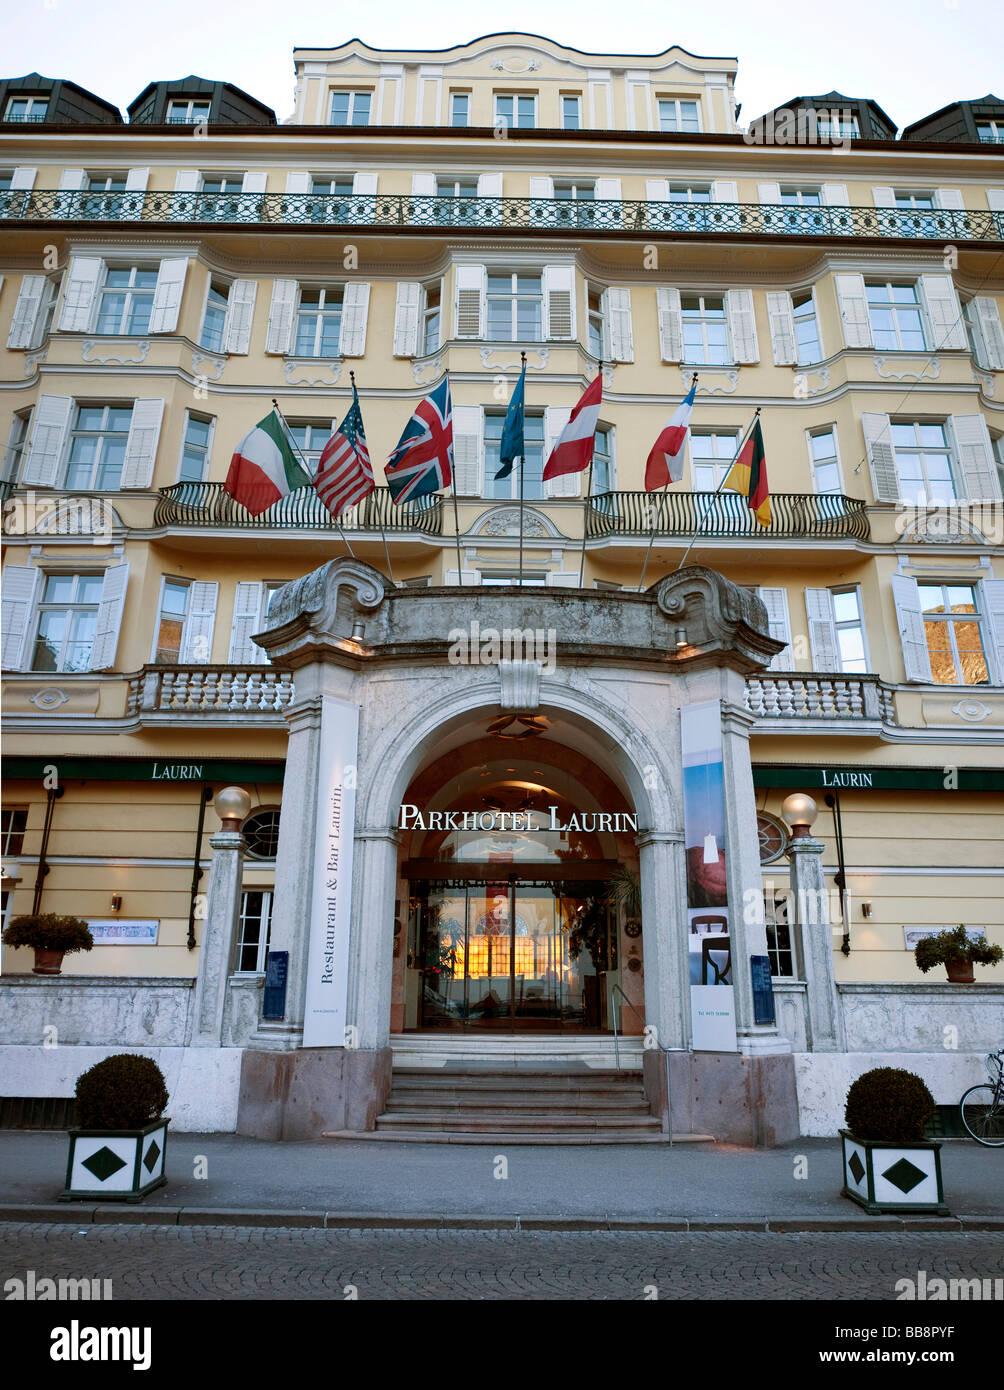 Parkhotel Laurin, Bolzano, Alto Adige, Italy, Europe - Stock Image